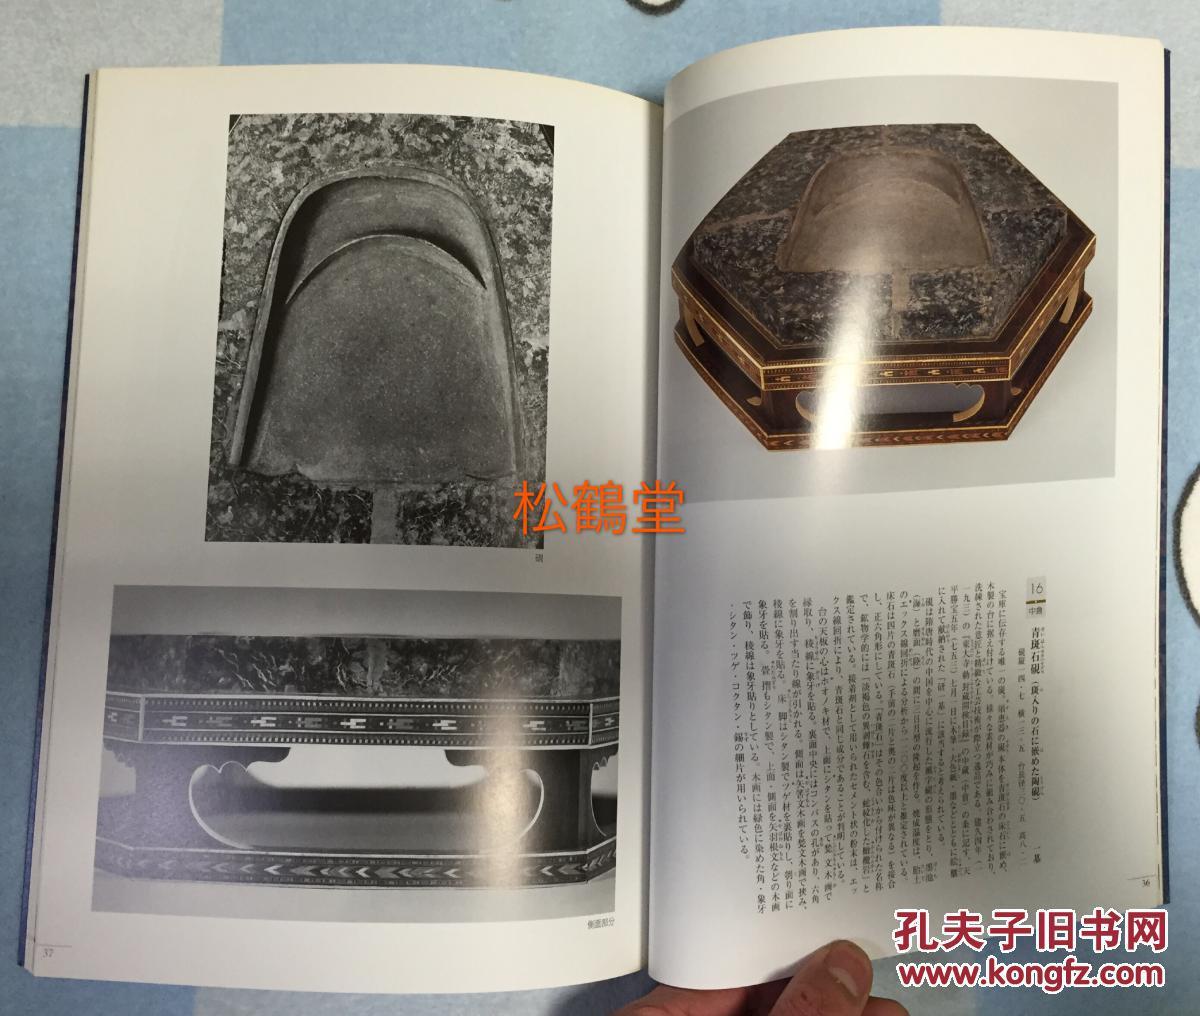 展展品目录图版,收日本古代各种美术品大量图版图片